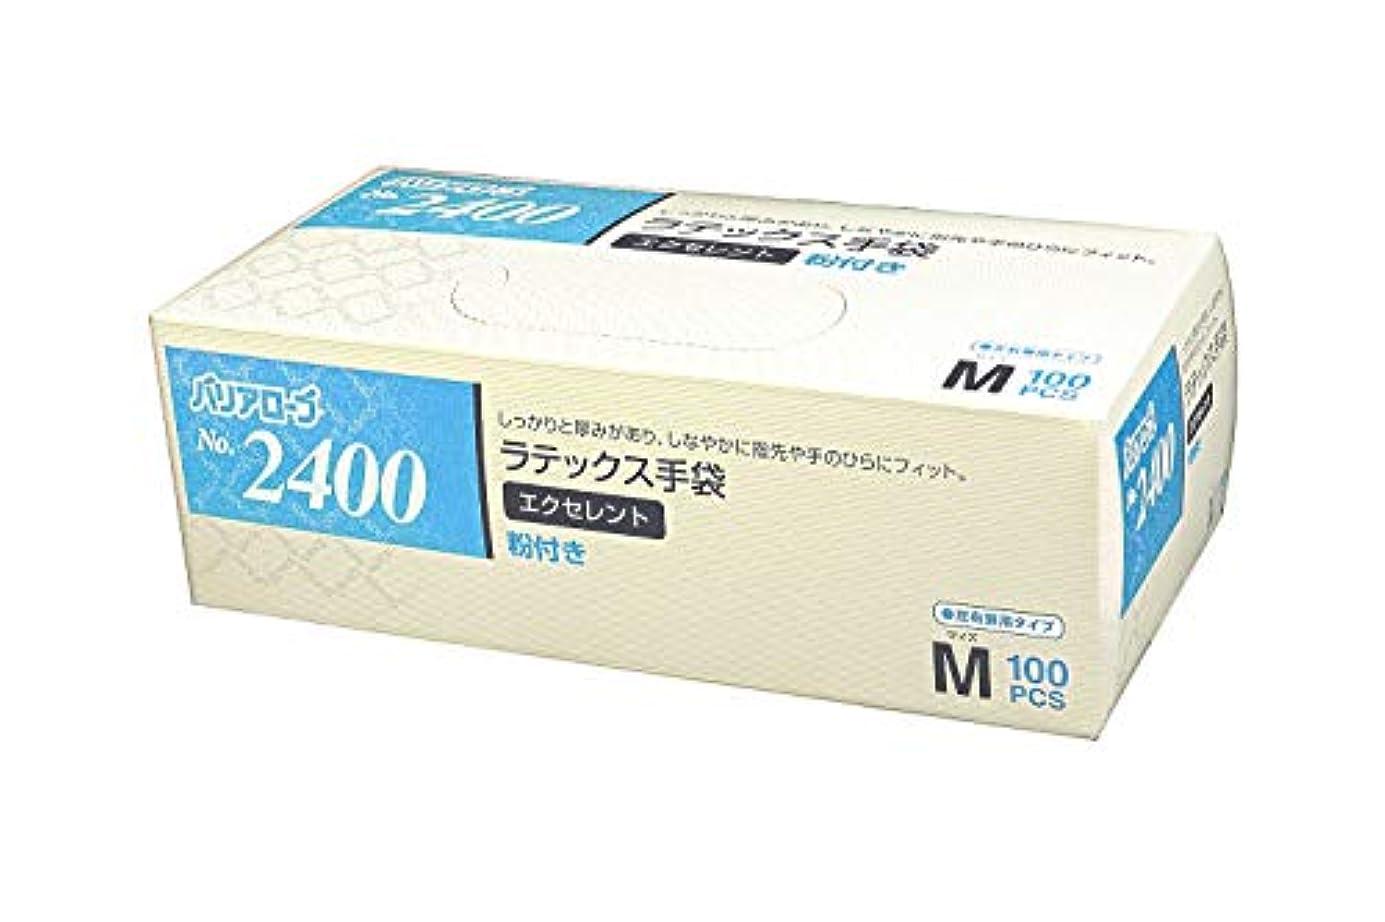 収縮傷つける悲惨な【ケース販売】 バリアローブ №2400 ラテックス手袋 エクセレント (粉付き) M 2000枚(100枚×20箱)